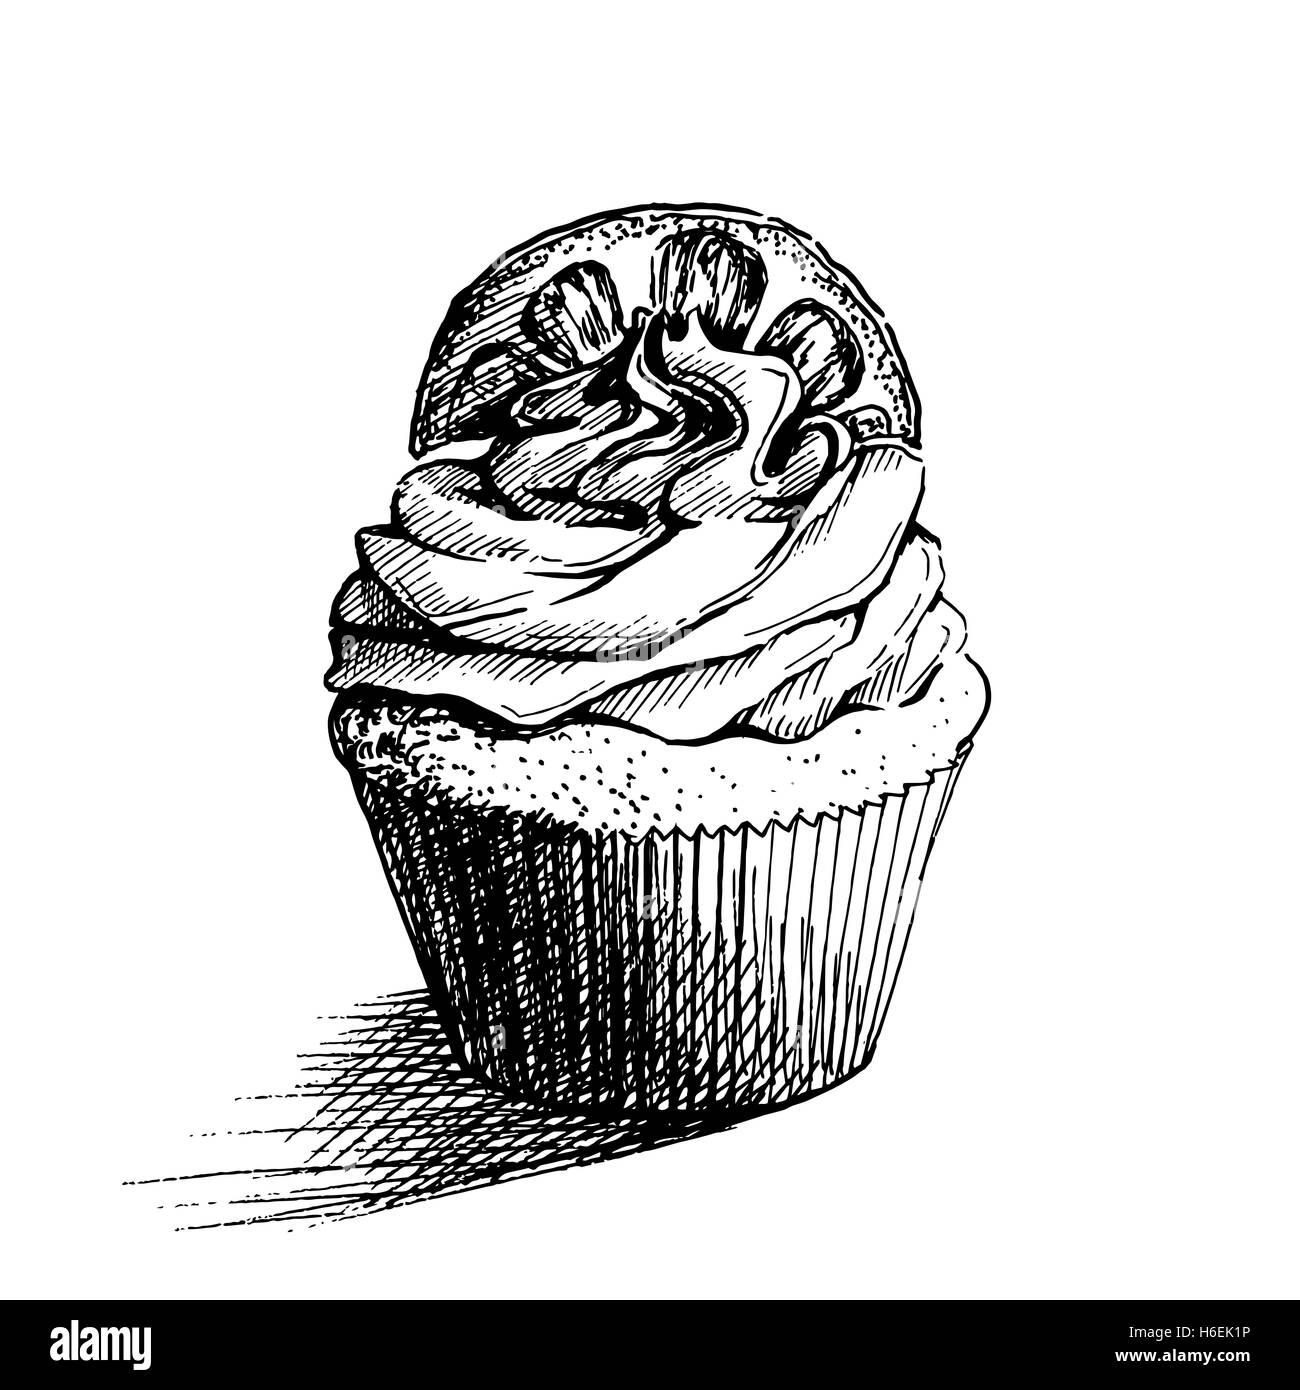 Lemon Cake Slice Black And White Stock Photos Images Alamy